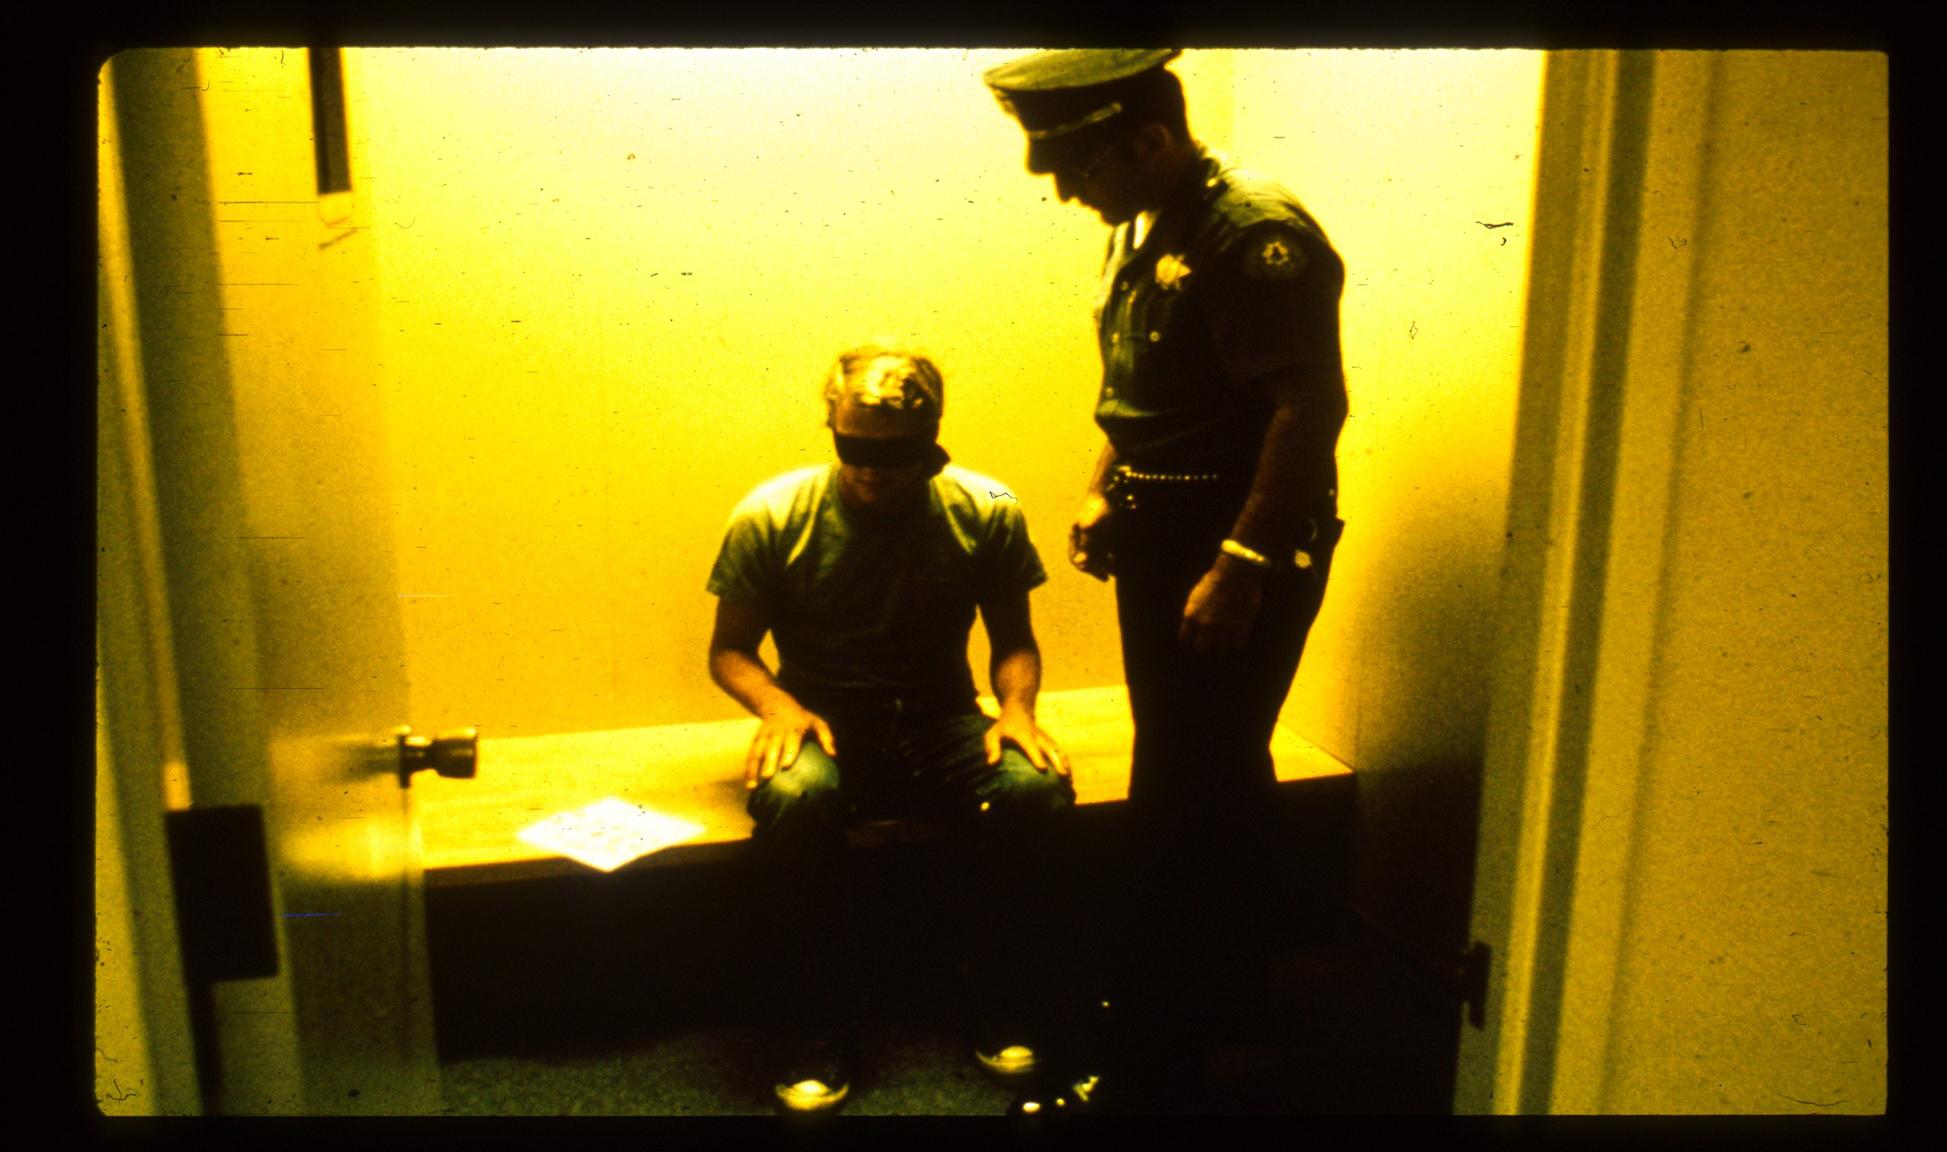 Police Blindfolding Prisoner